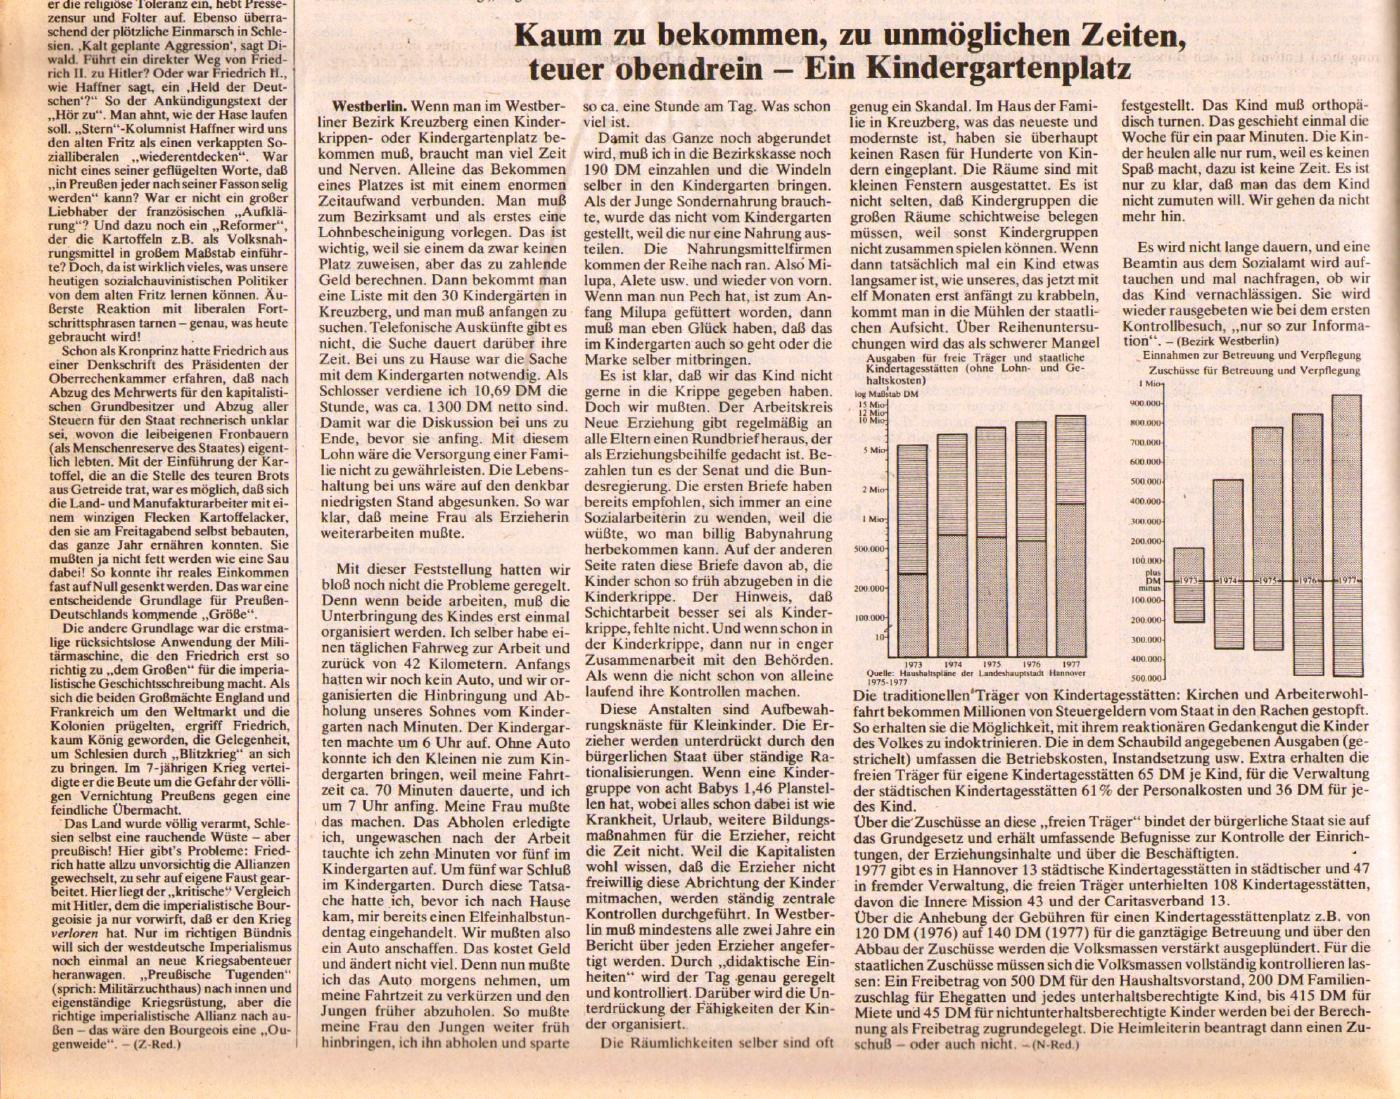 KVZ_Nord_1977_41_16